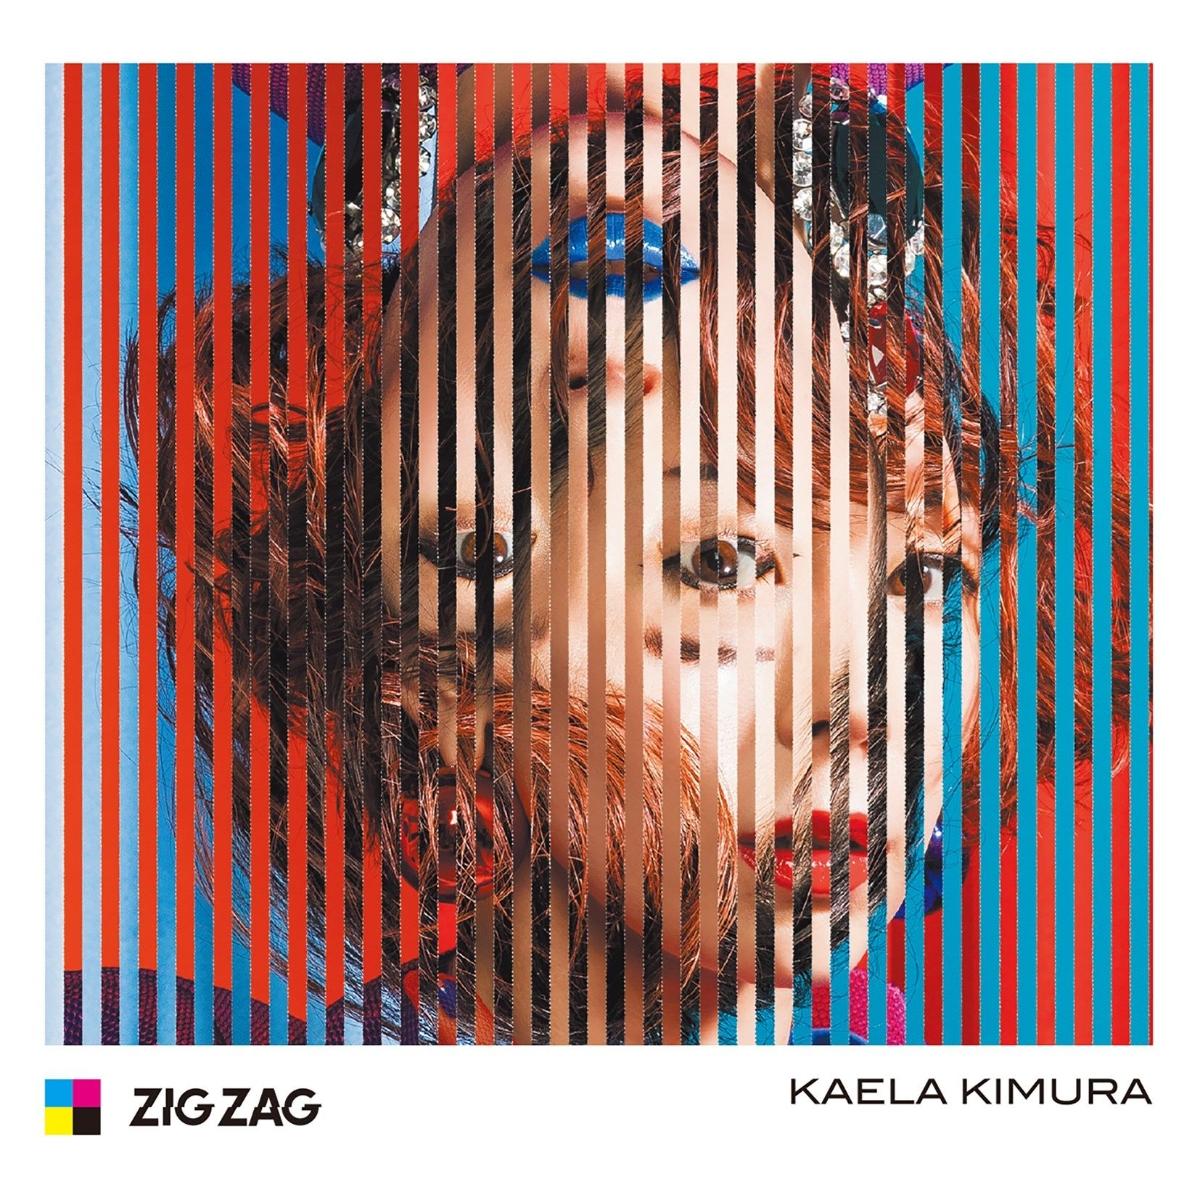 『木村カエラ Wish upon a star 歌詞』収録の『ZIG ZAG』ジャケット